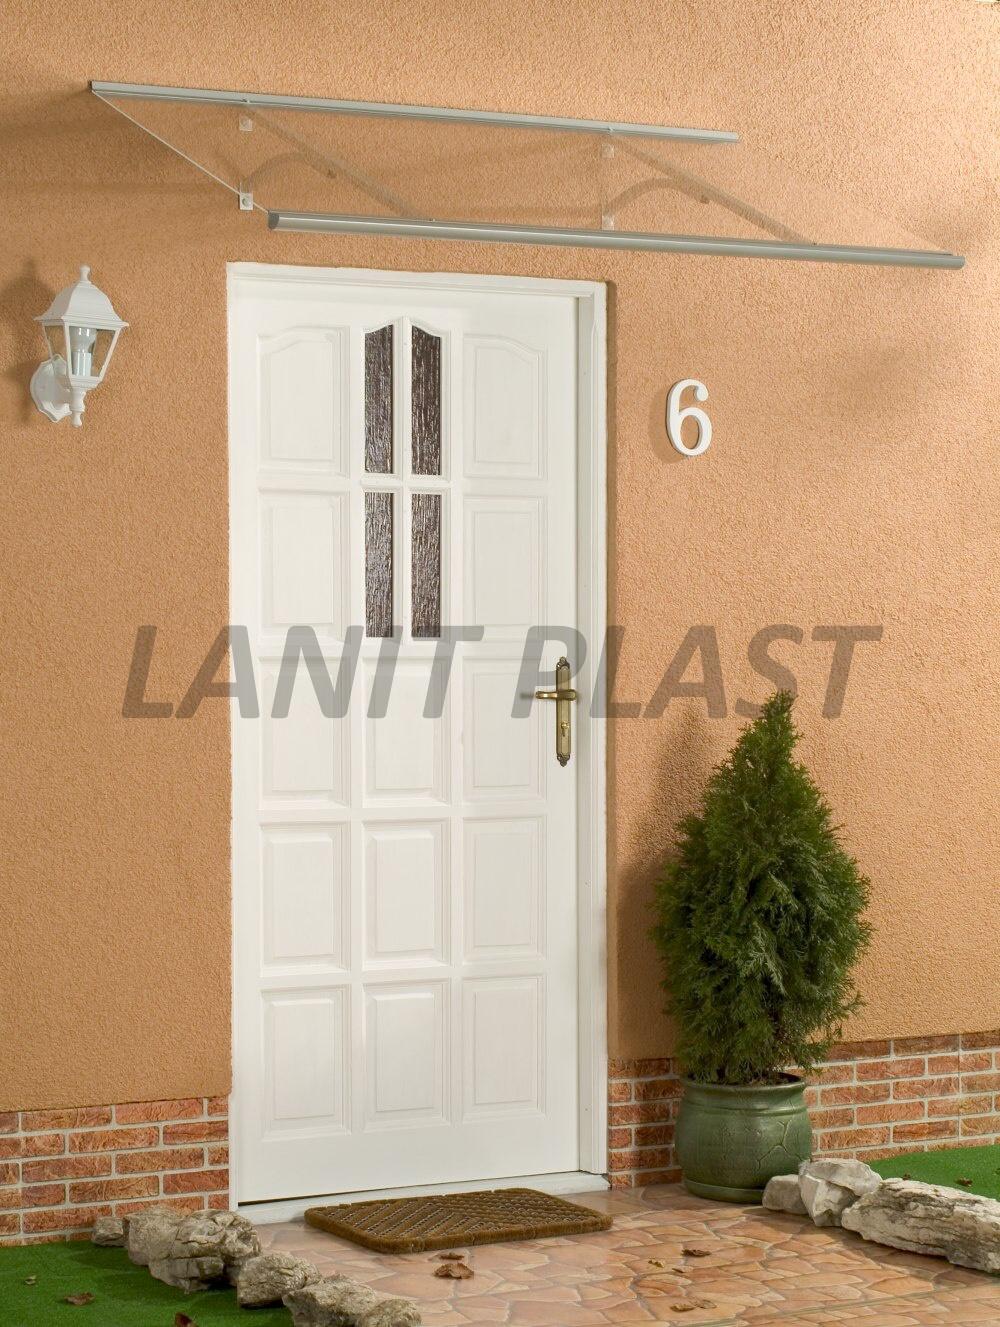 LanitPlast vchodová stříška OTIS 160 šířka 1600 mm, hnědá